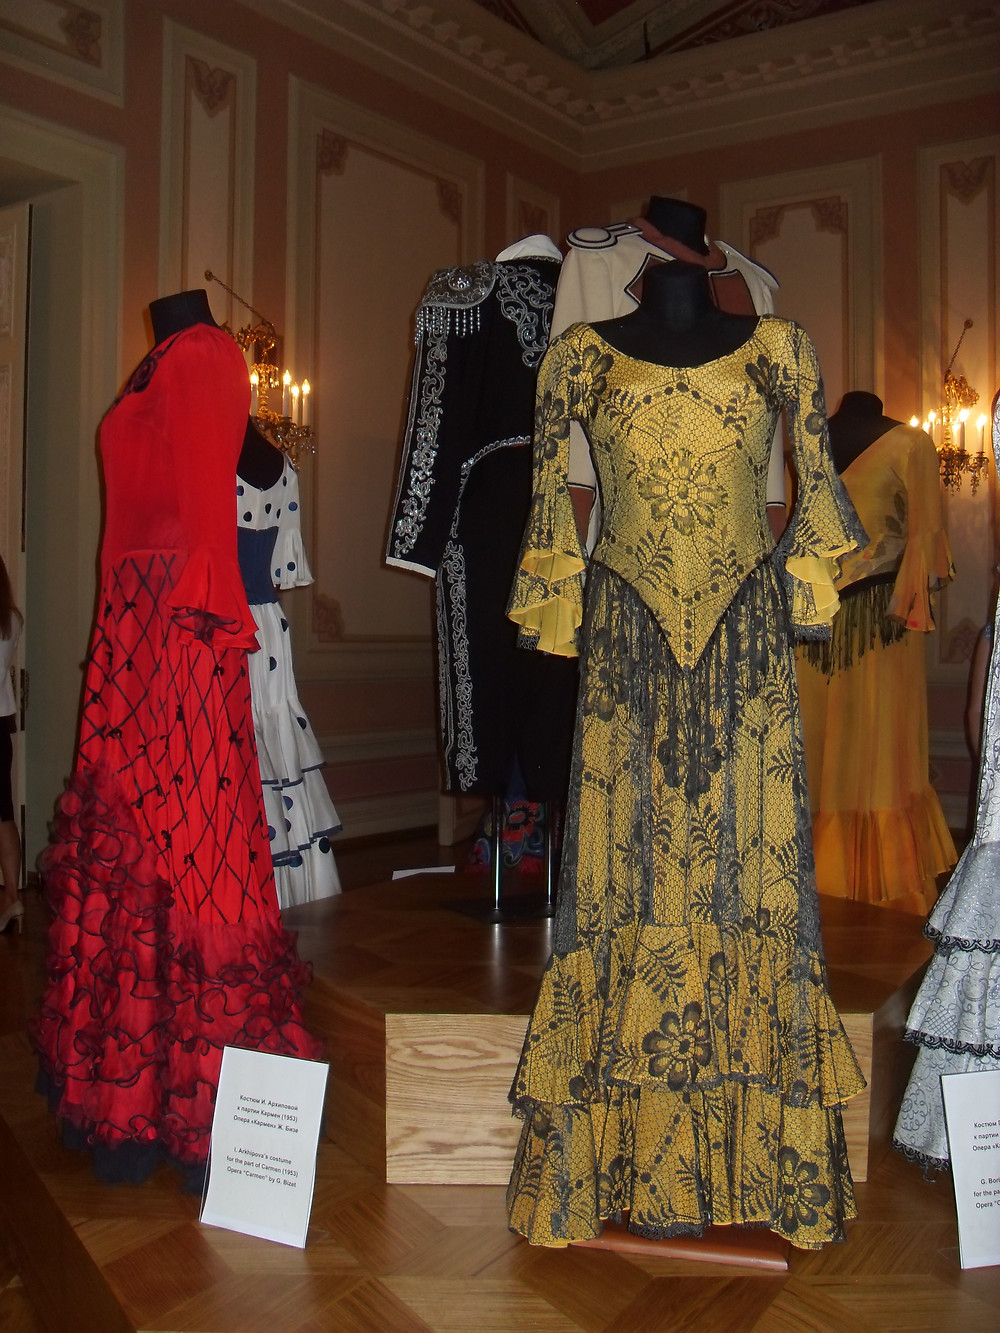 Exposition des costumes des précédentes représentations de Carmen, dans une des salles d'exposition au 2ème étage du Bolshoi.